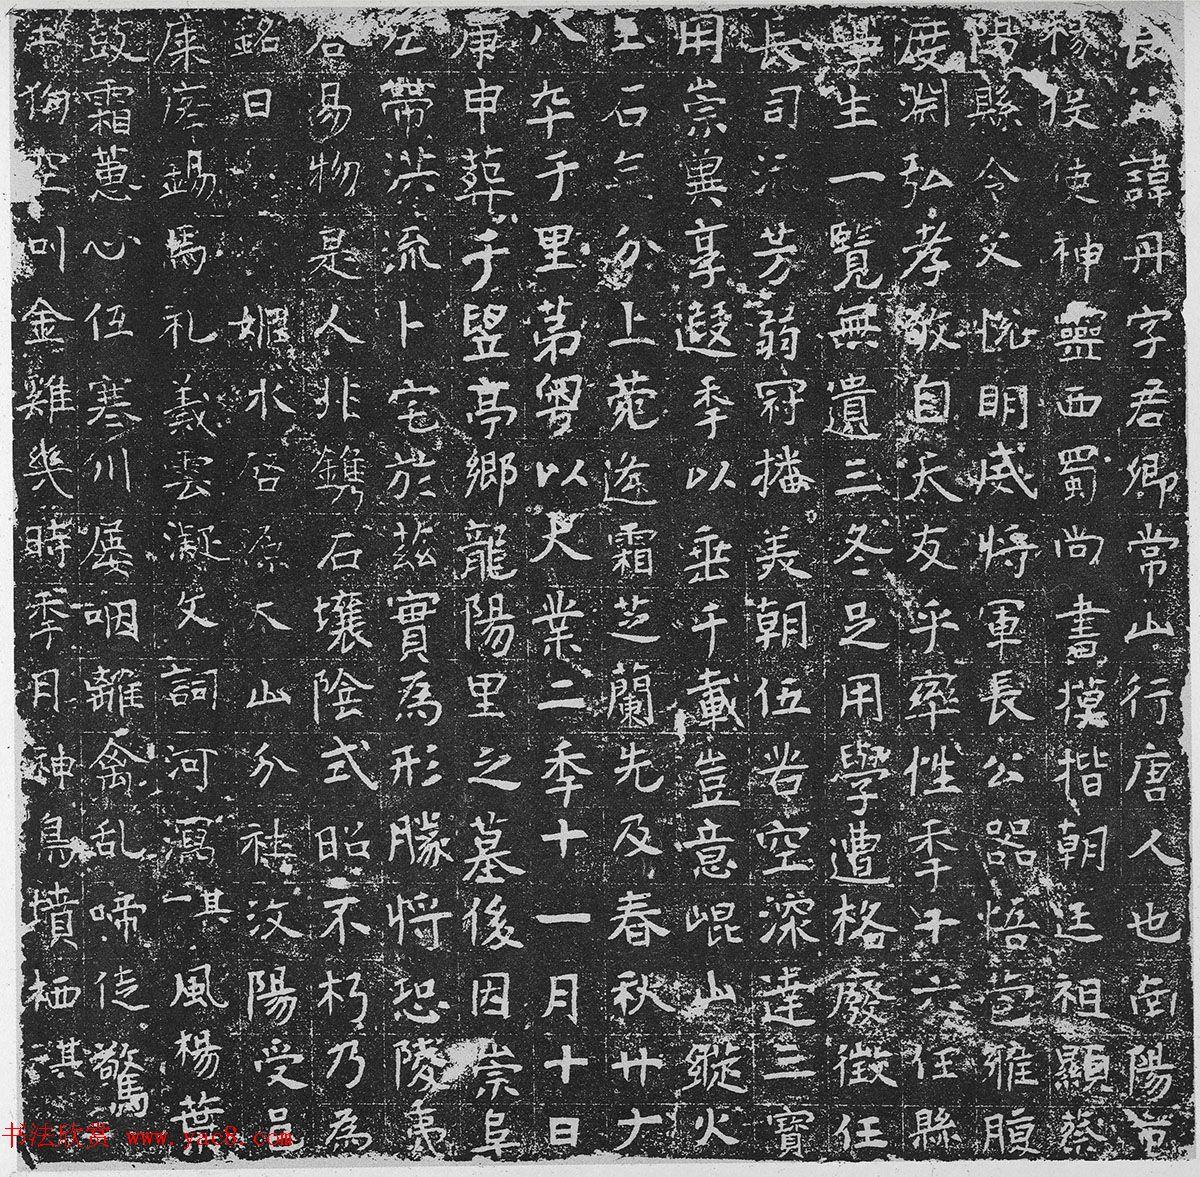 隋代碑志书法《秘丹墓志》